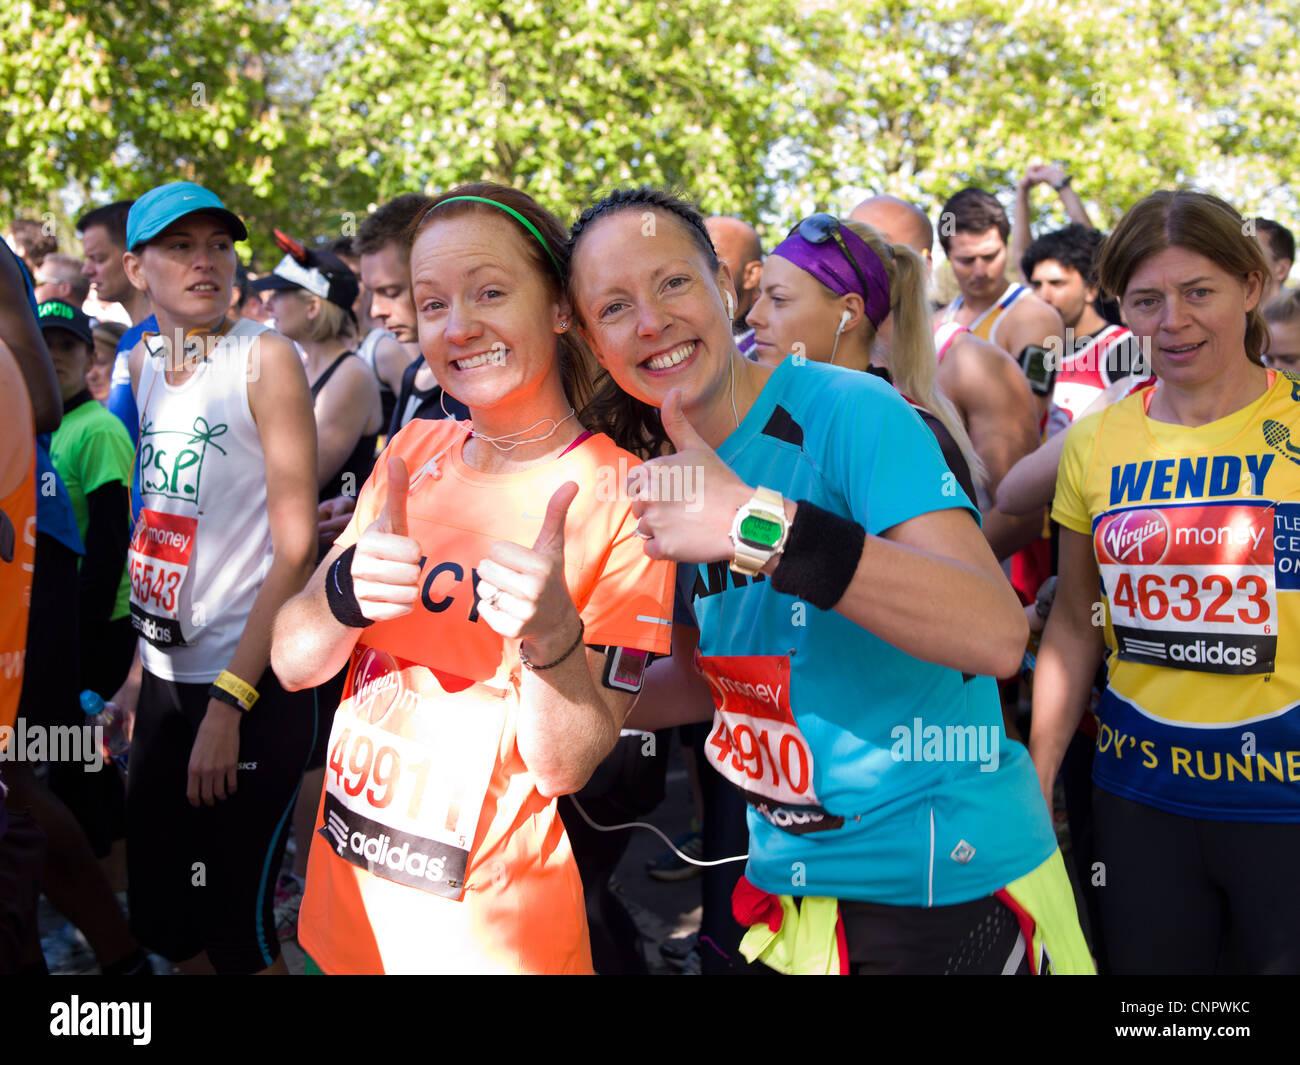 Maratona di Londra la carità guide, 9.35am rosso start Greenwich Park a Londra. Runner nel parco di Londra. Immagini Stock